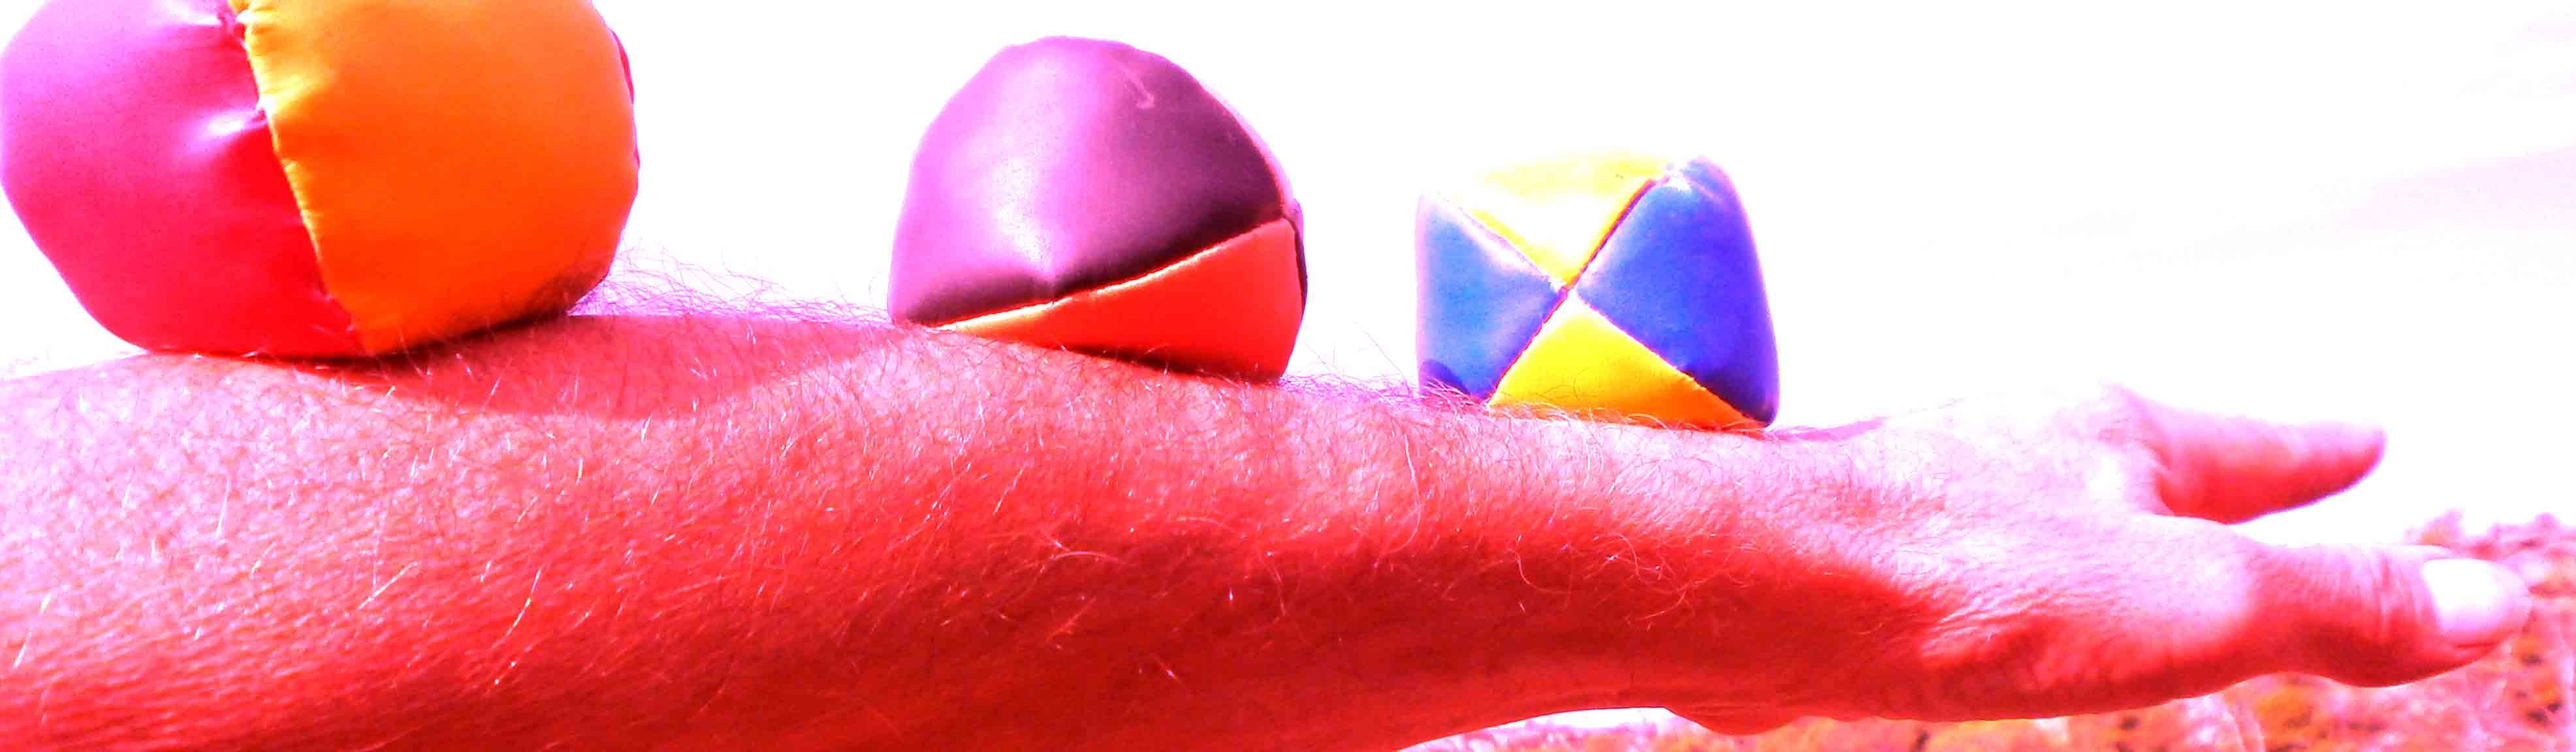 jongler pour tre en forme etre en forme vraiment. Black Bedroom Furniture Sets. Home Design Ideas